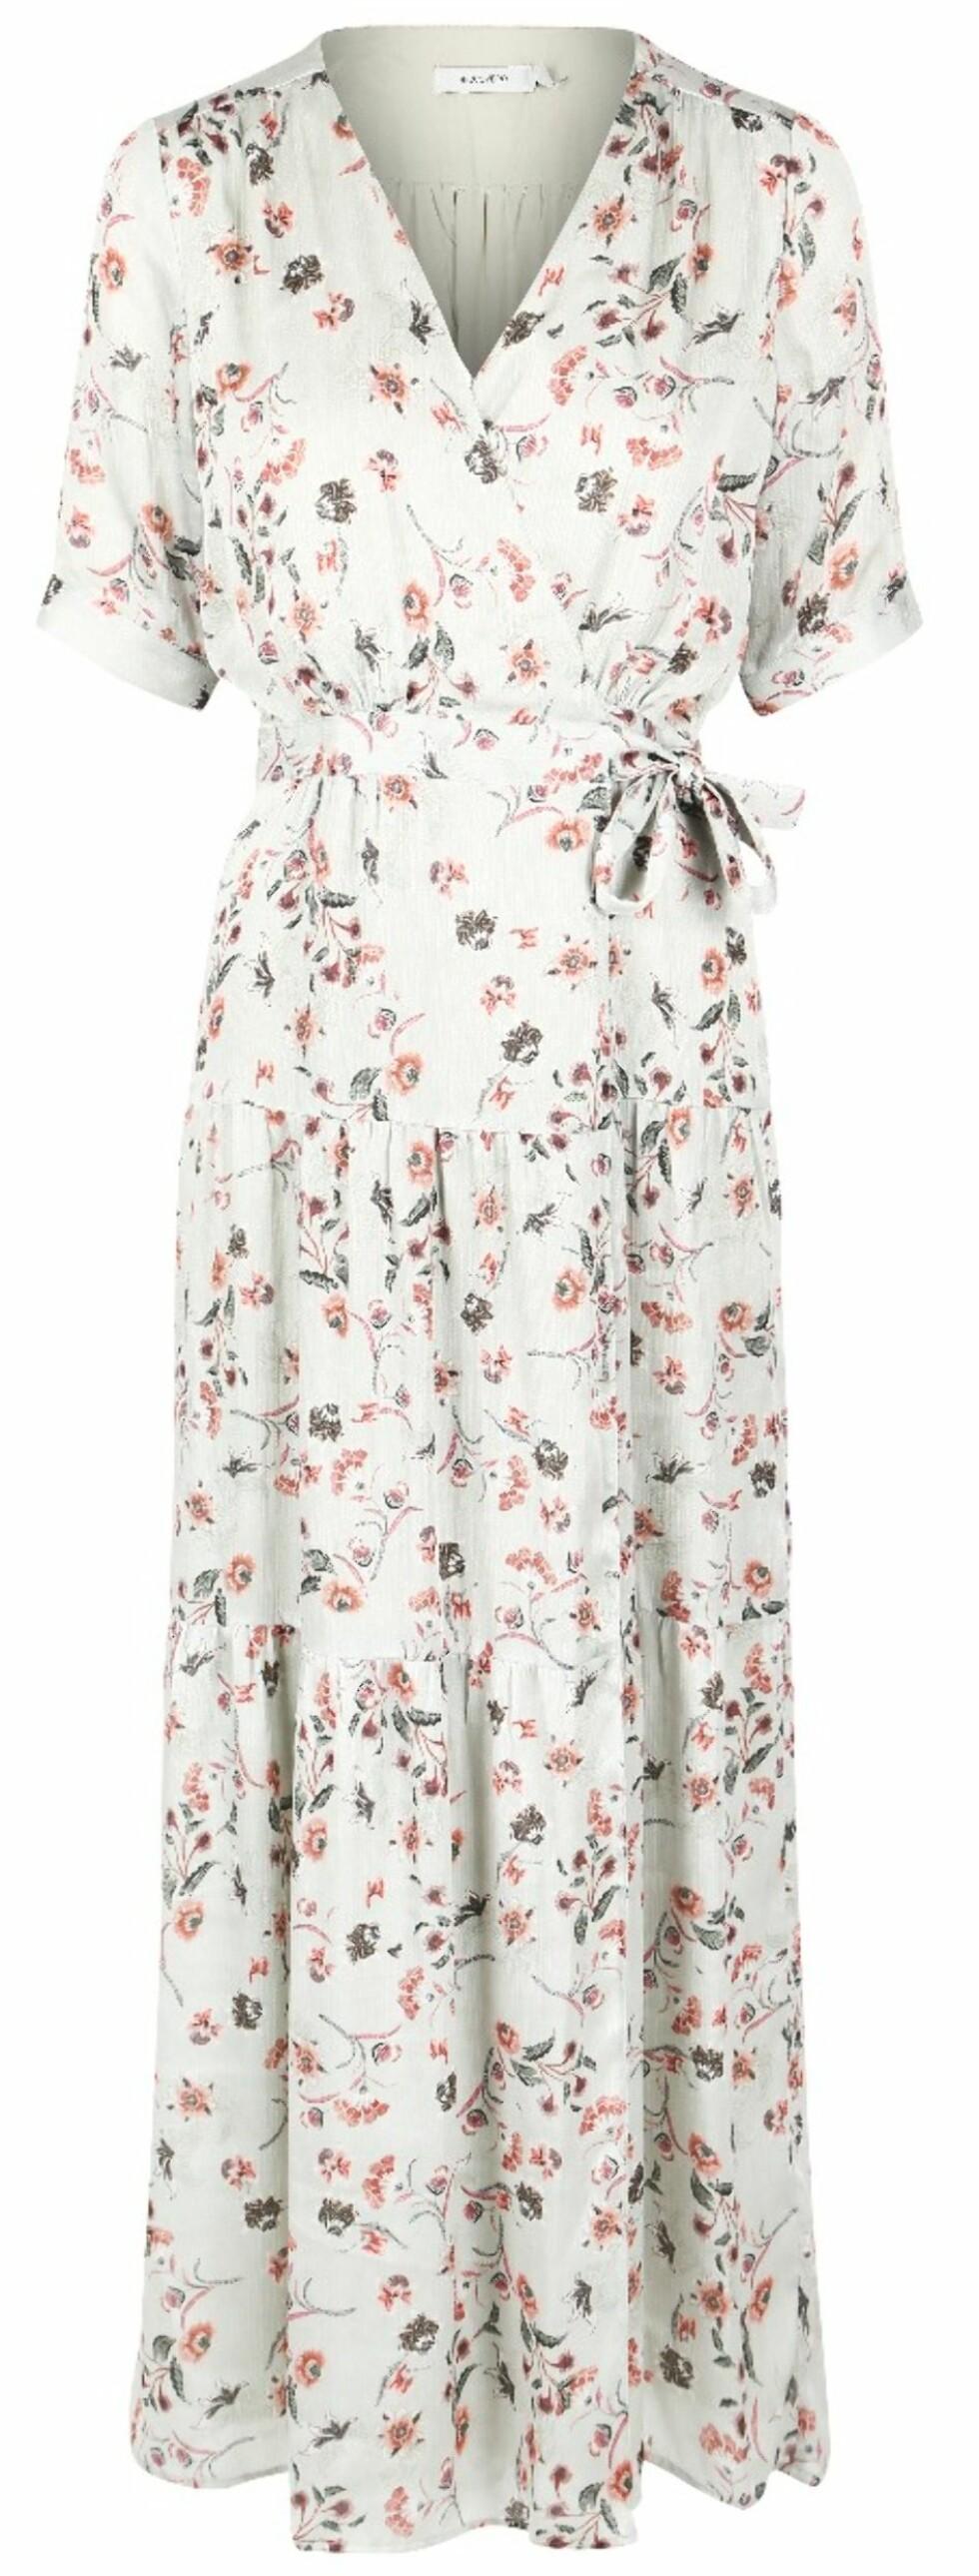 Kjole fra Riccovero |2199,-| https://www.riccovero.no/dame/kjoler/violett-dress-1